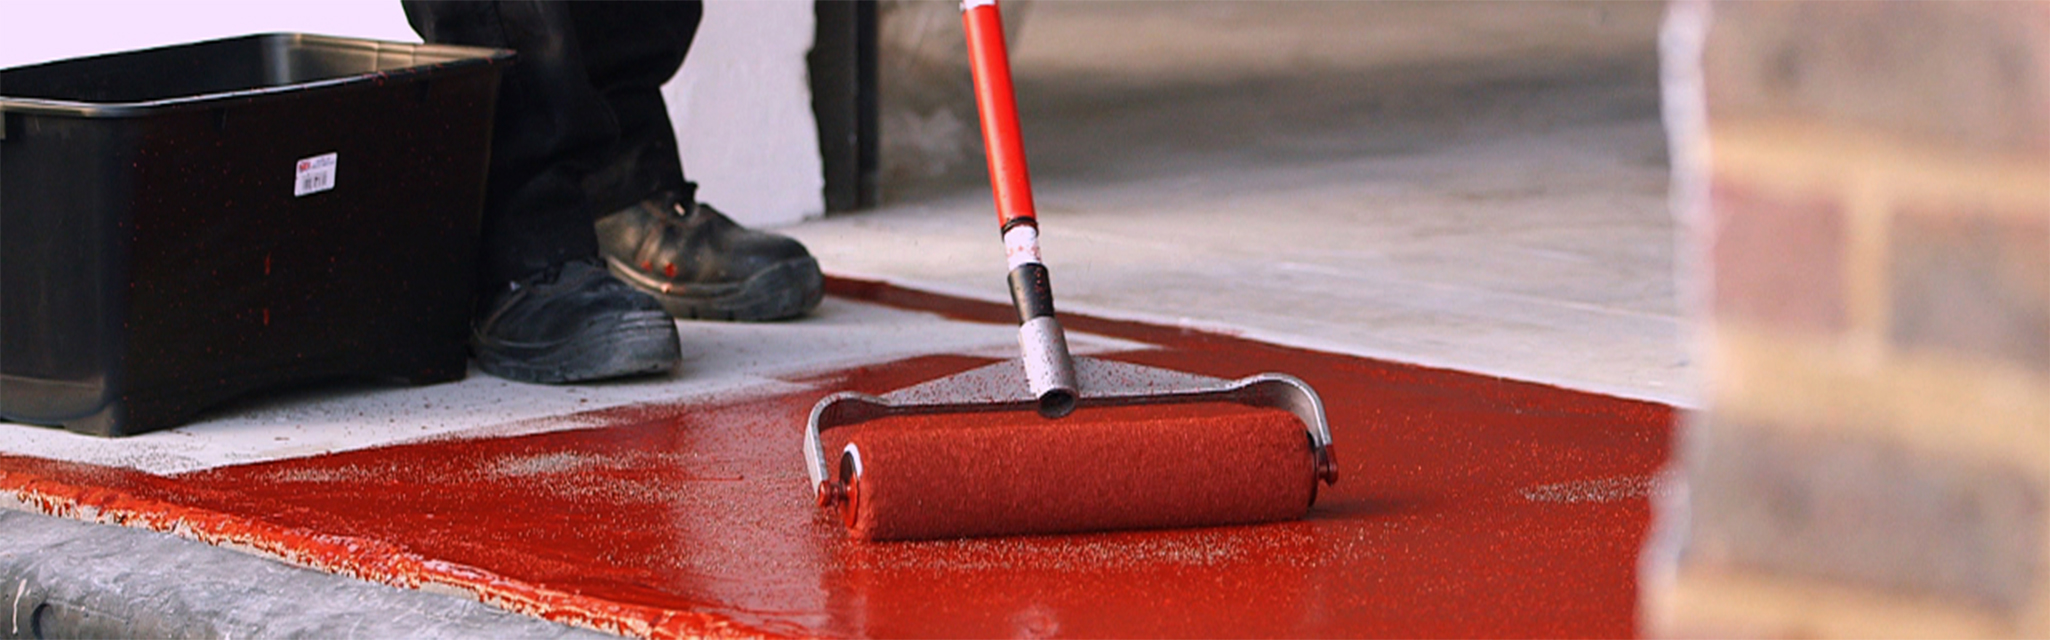 انواع پوشش های رزینی سطوح کف ساختمانی و صنعتی (Solvent free)